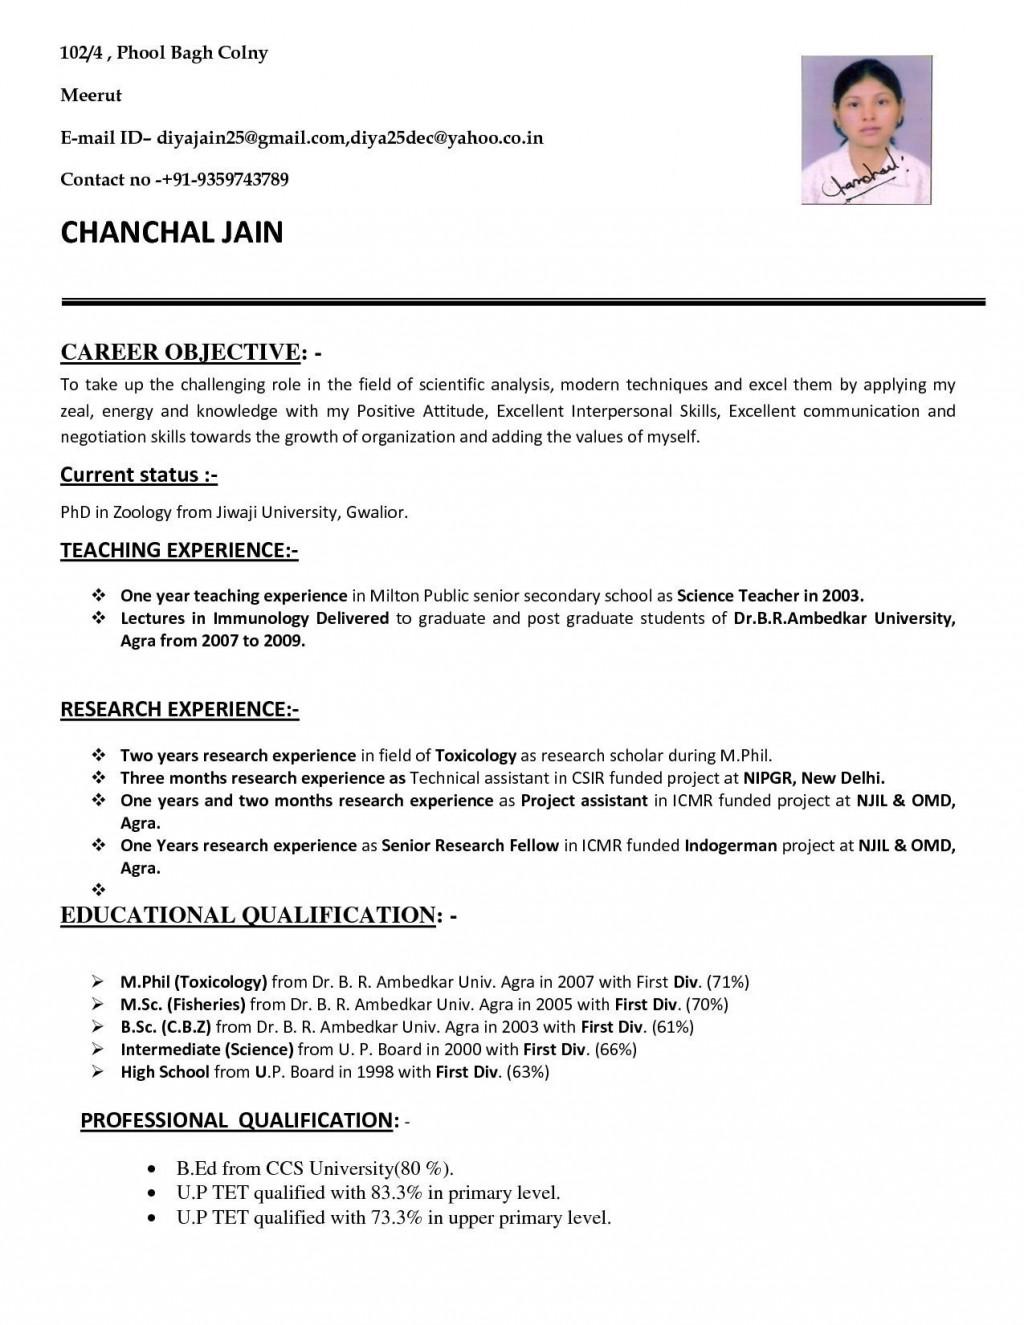 003 Breathtaking Resume Example For Teacher Job  Sample Cv SchoolLarge